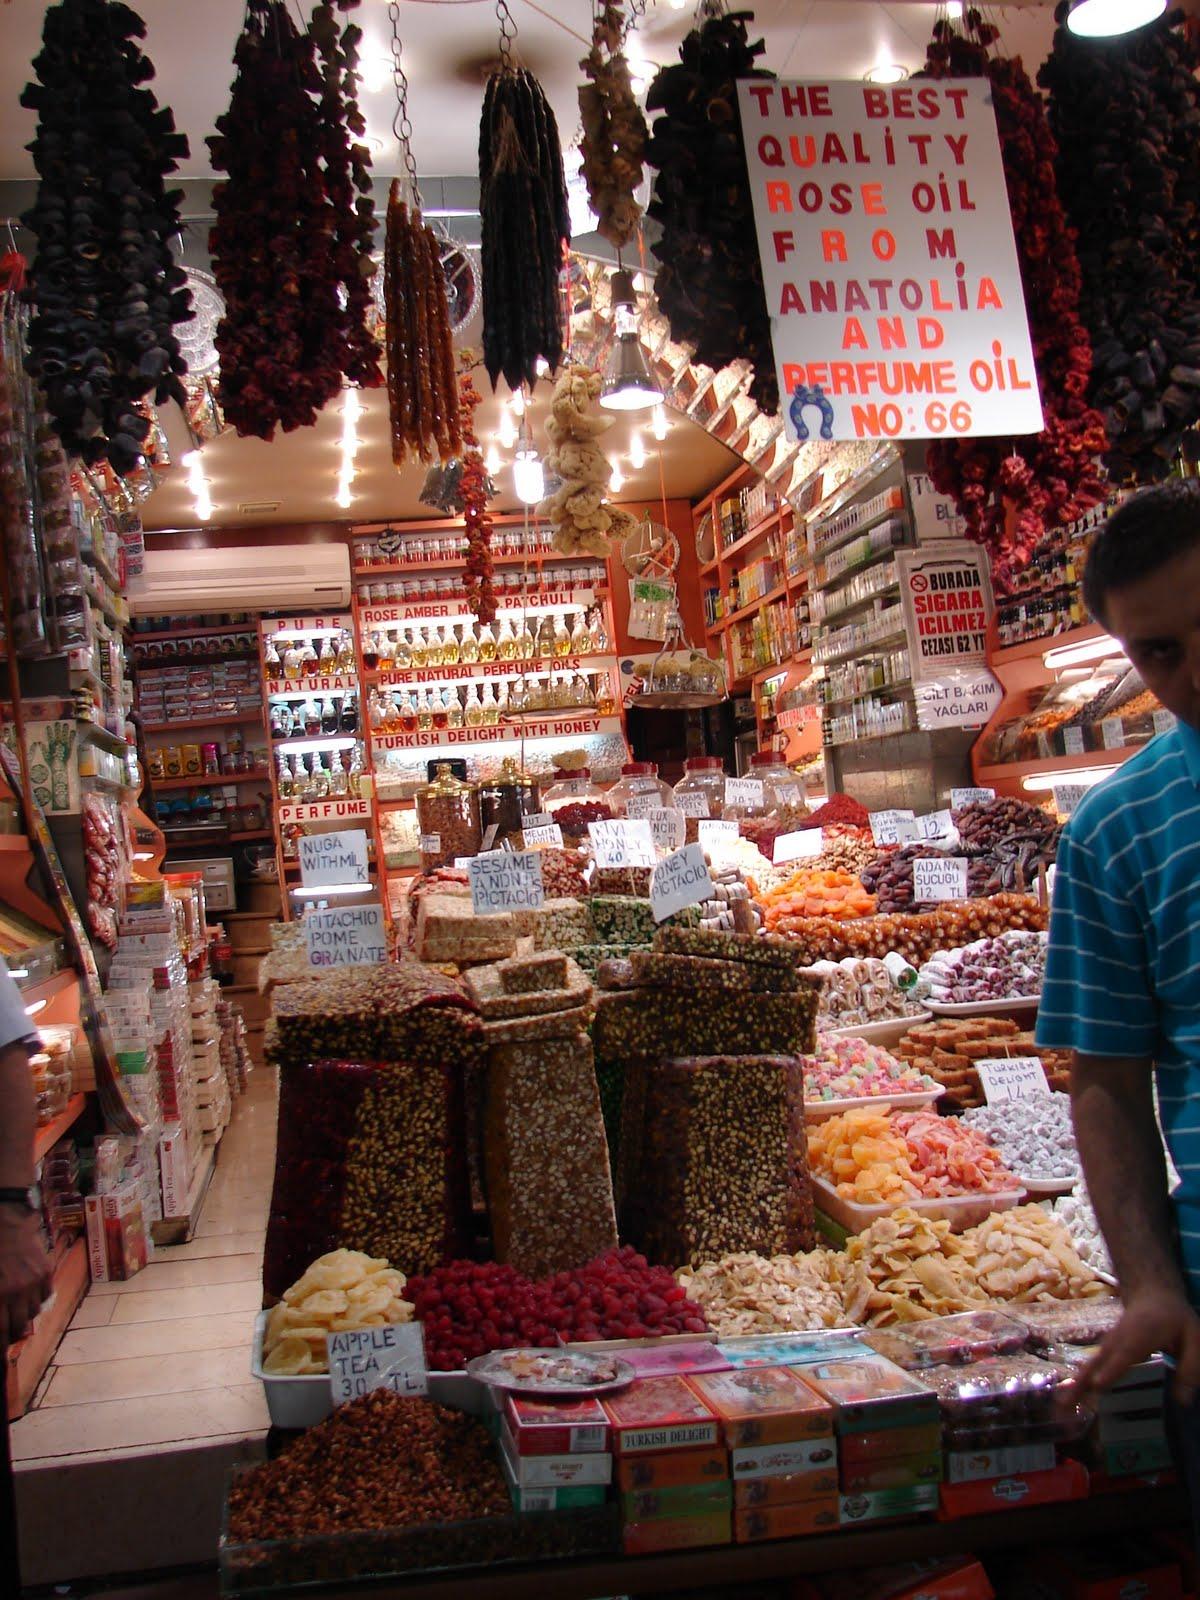 Travel Memories: Egyptian Market (Spice Bazaar) -Mısır Çarşısı